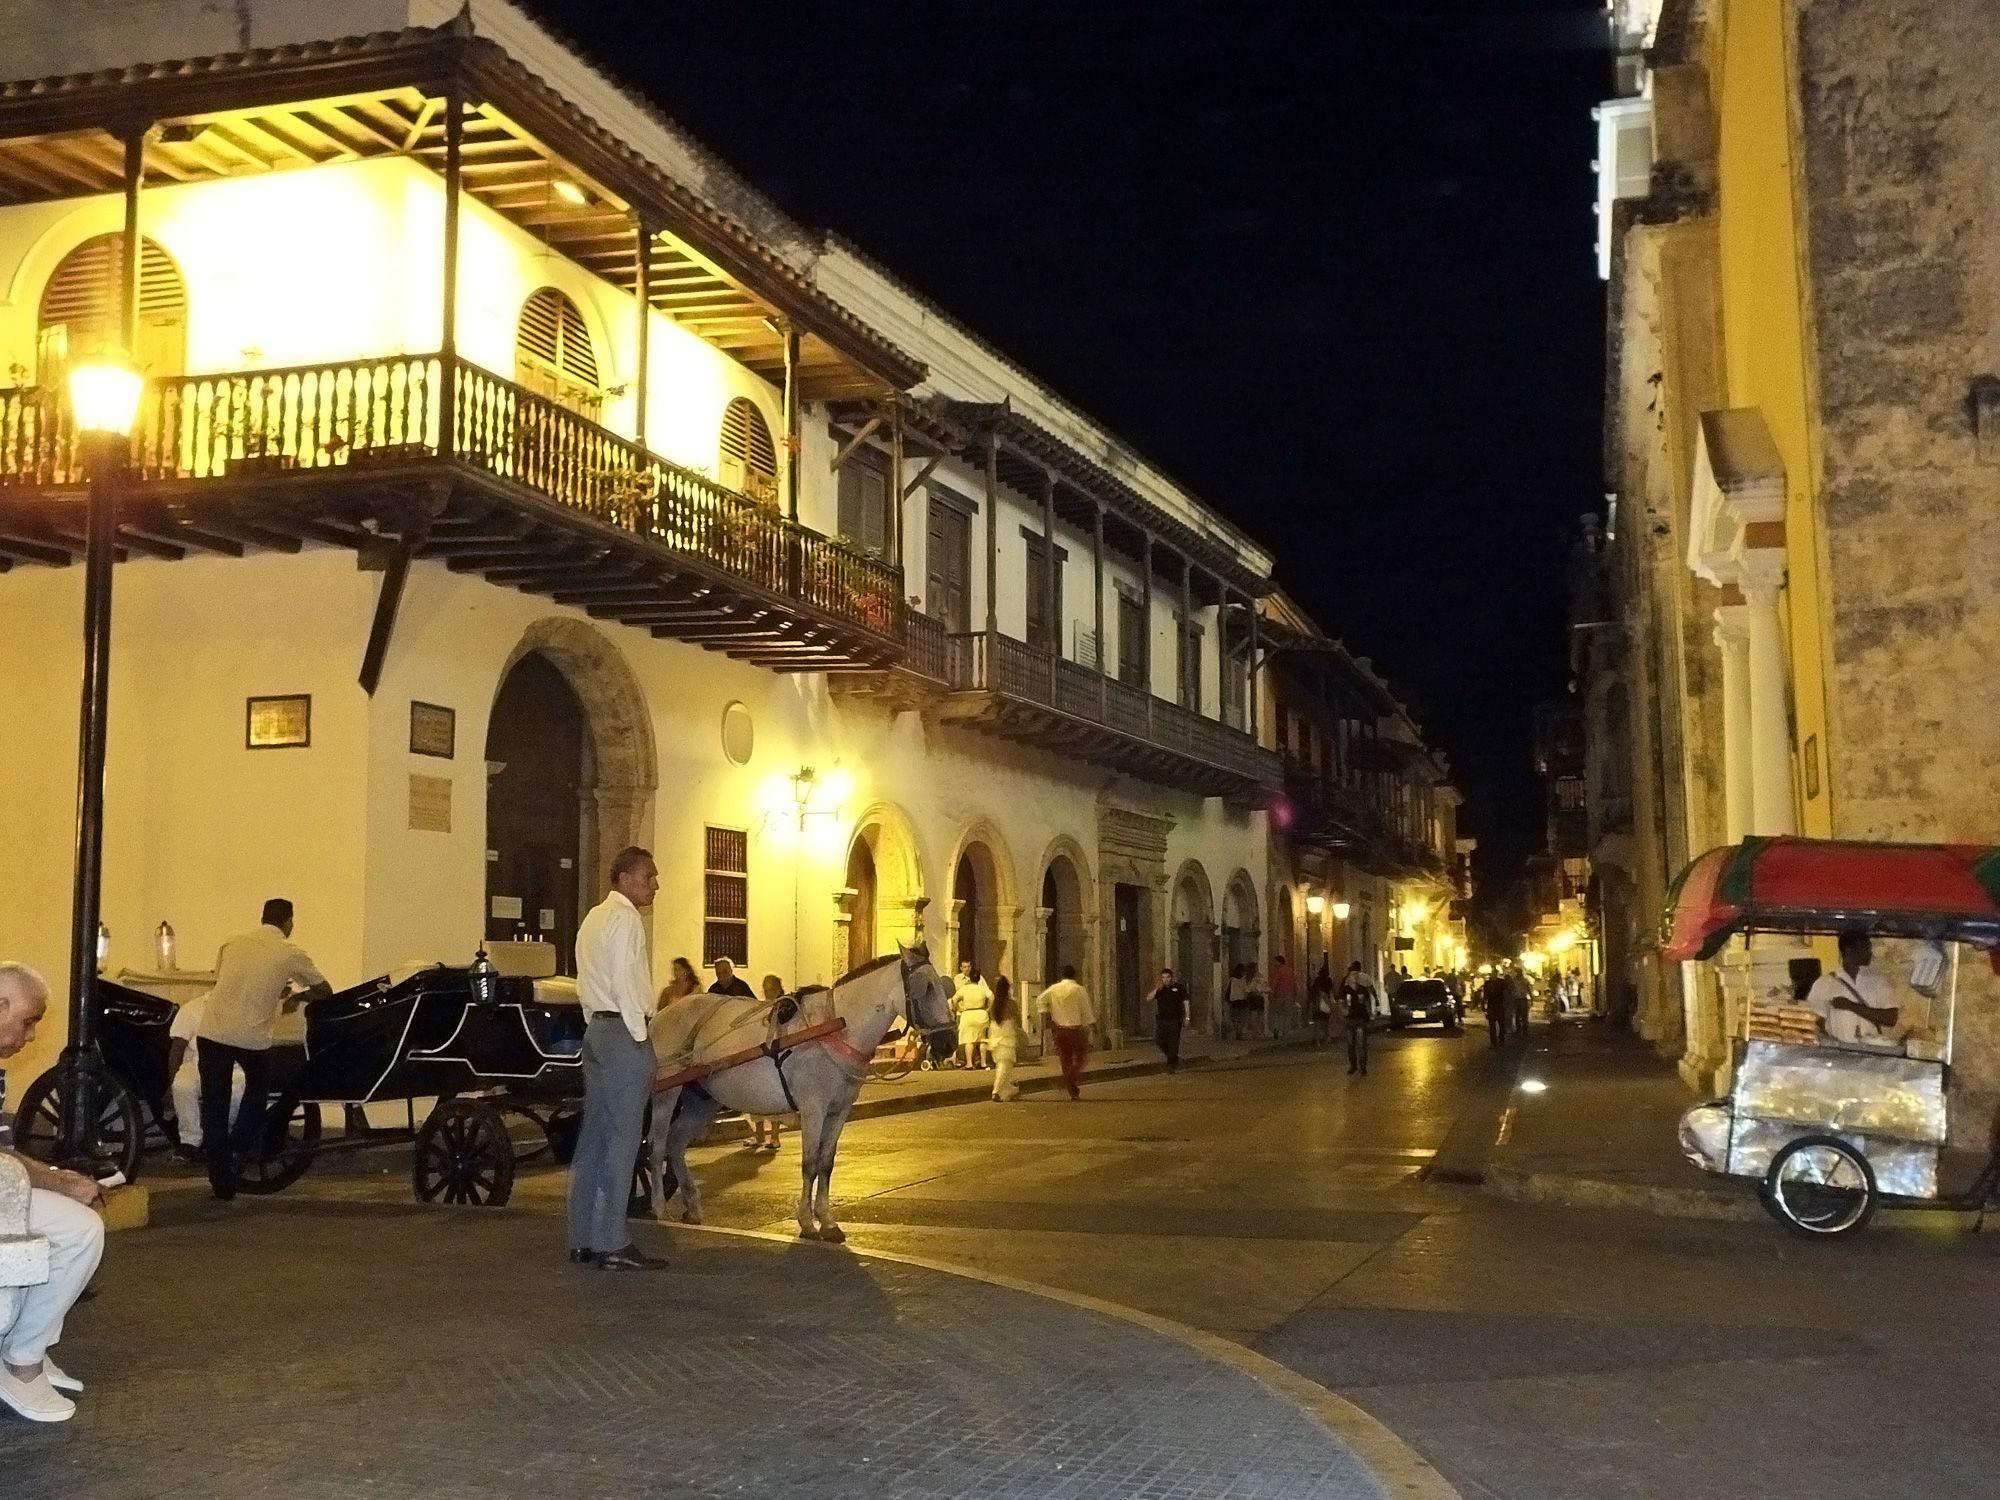 Calle céntrica de la ciudad antigüa. Por Iván Lara.